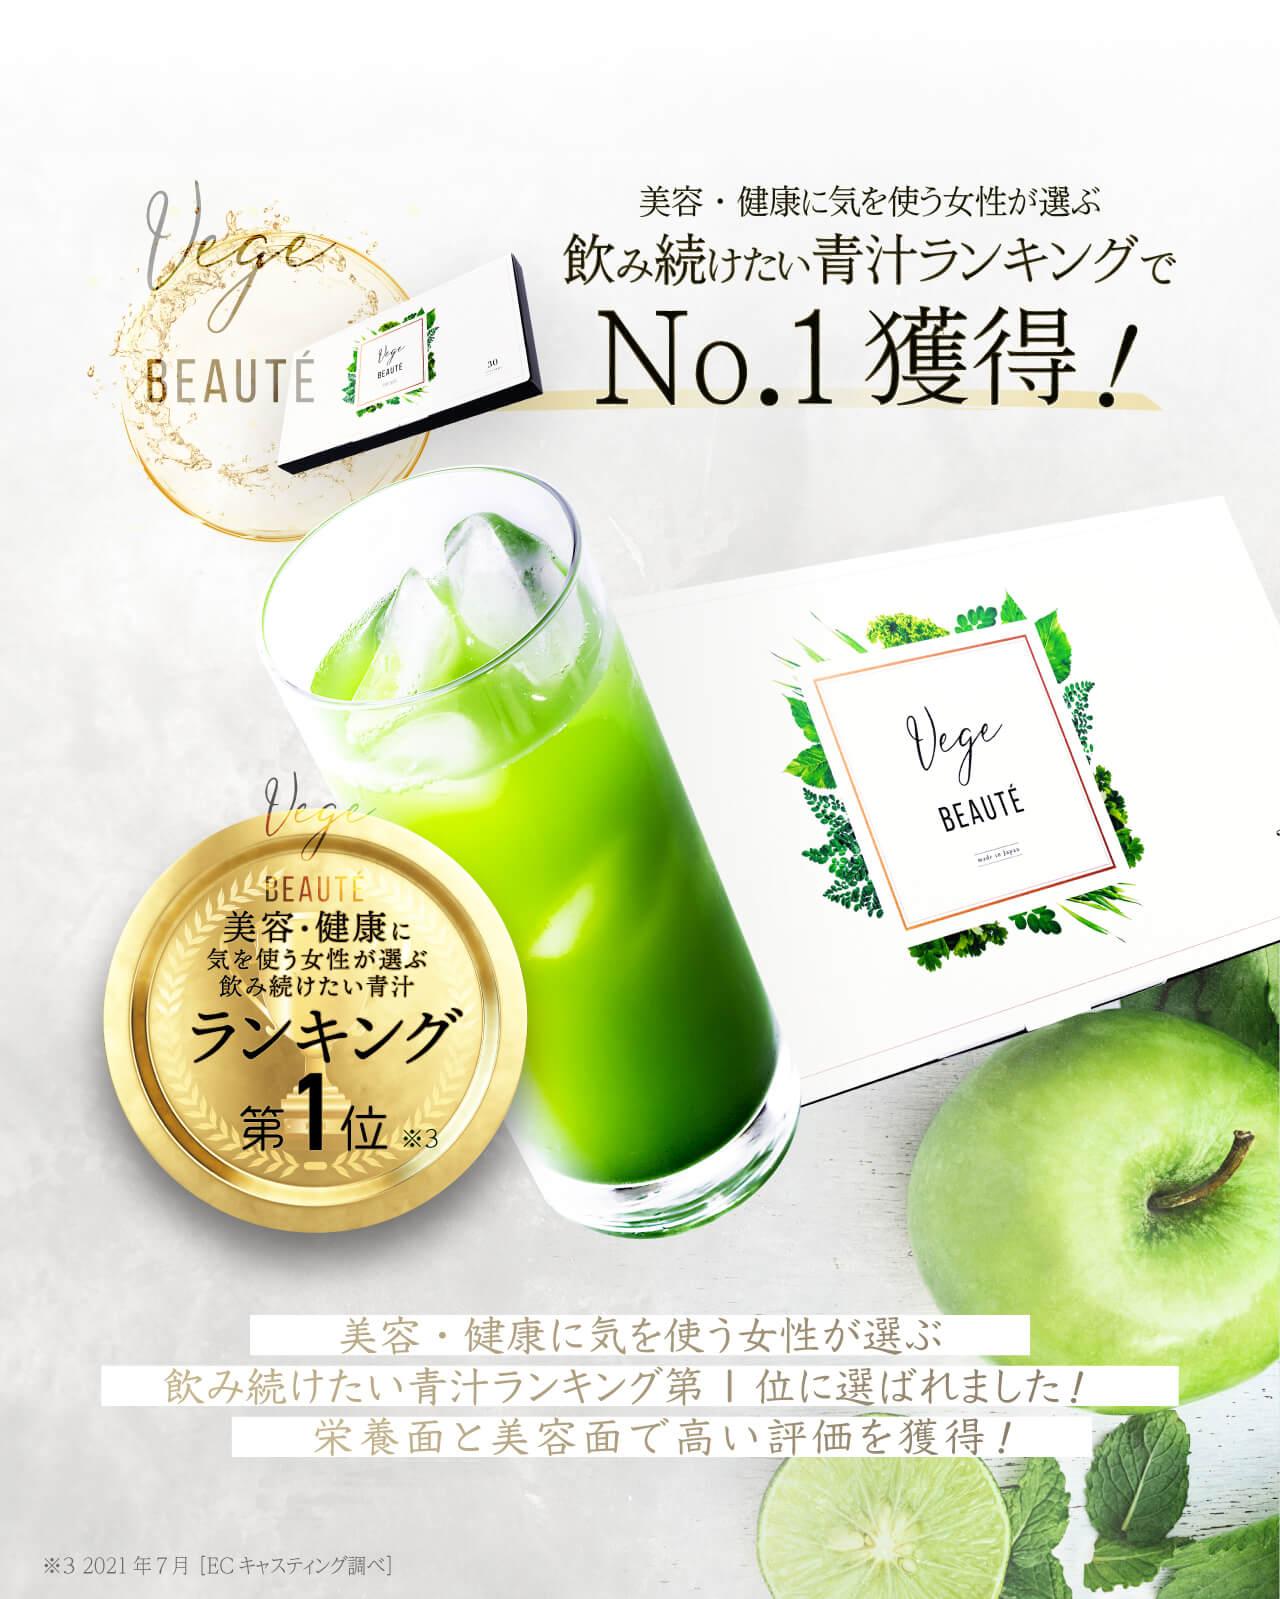 美容青汁「ベジ・ボーテ」の最安値販売店は?amazon?楽天?